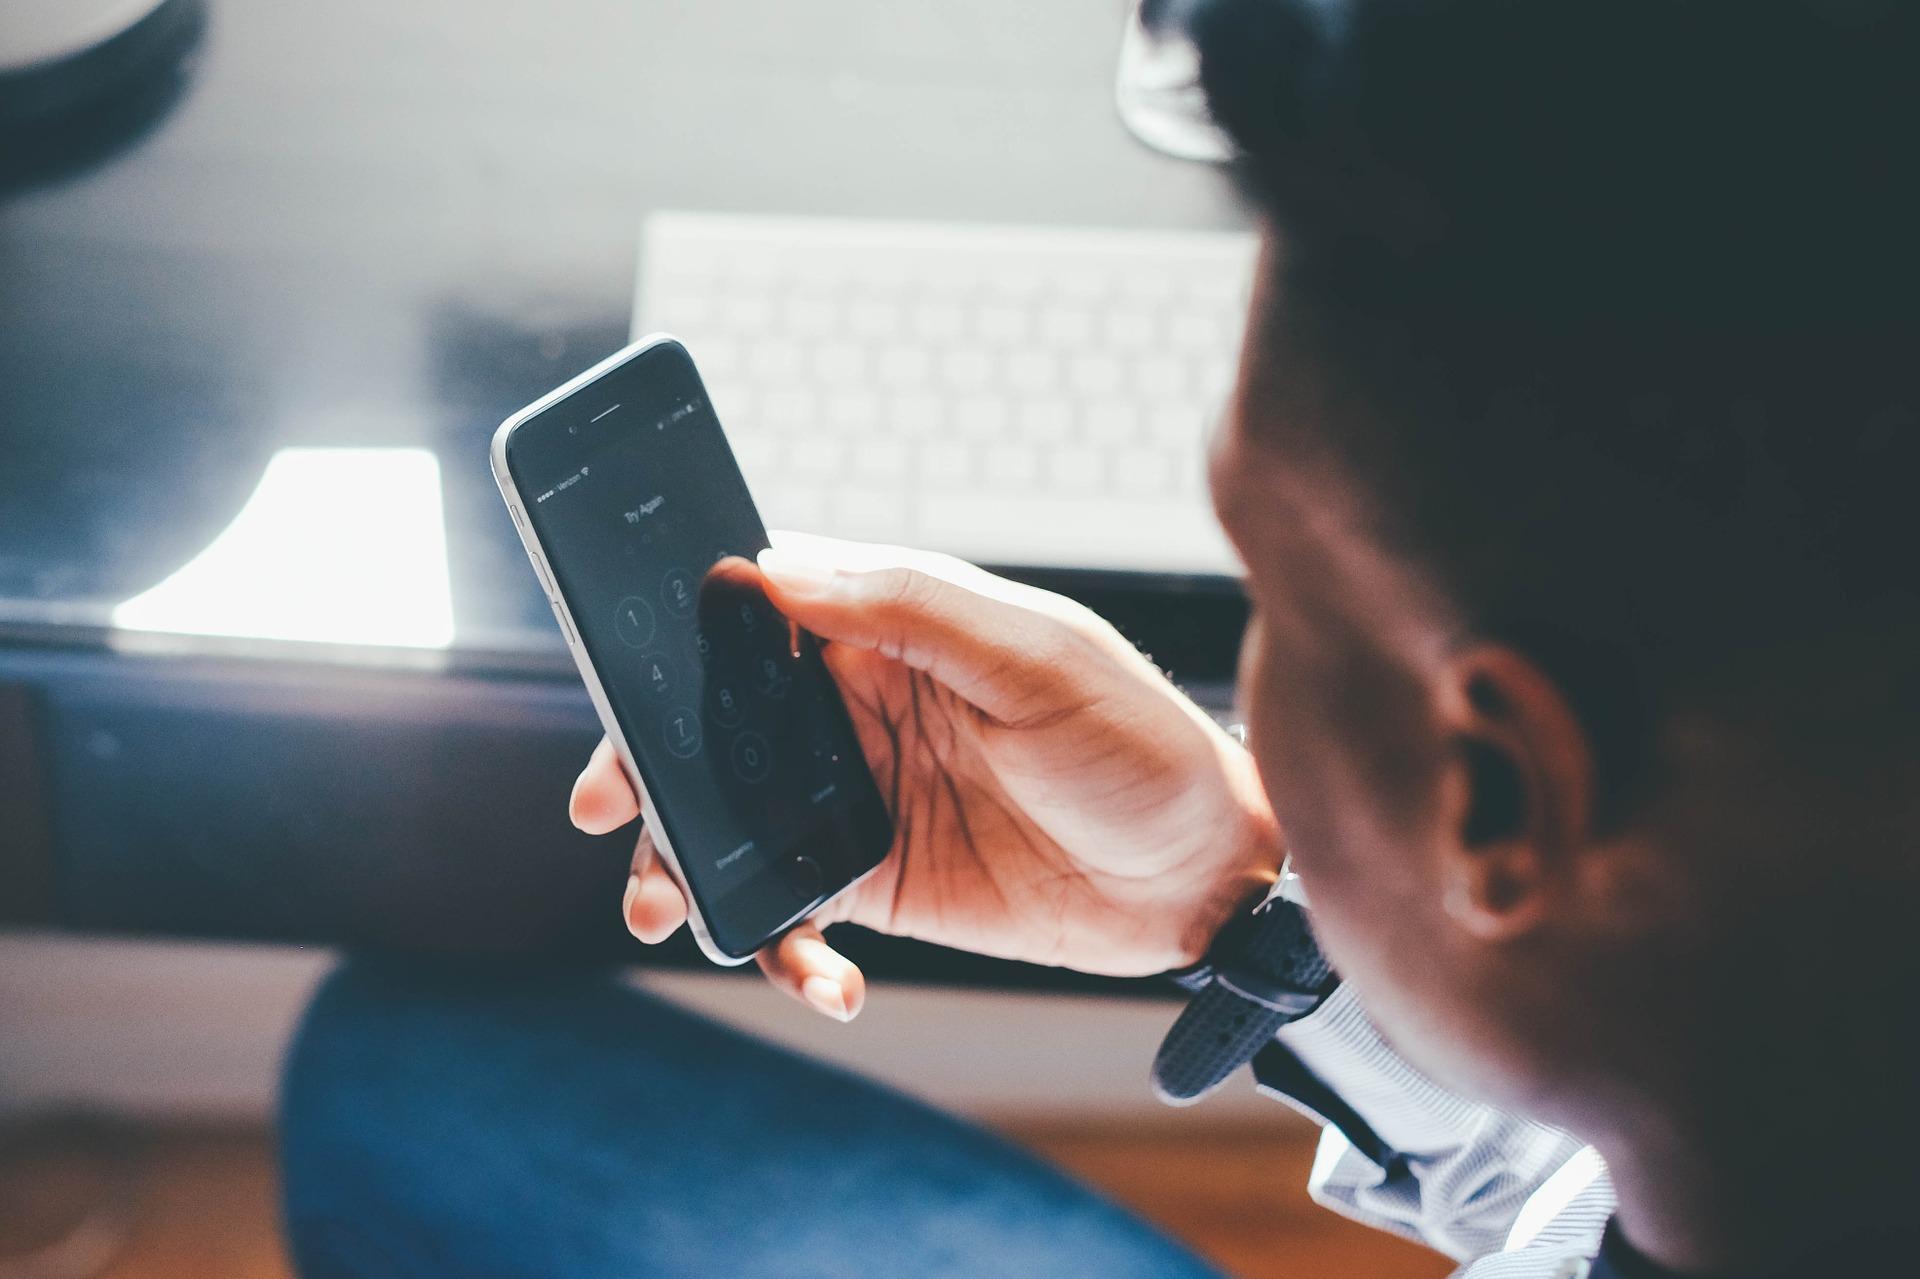 Les entreprises payent leurs abonnements télécoms de moins en moins cher